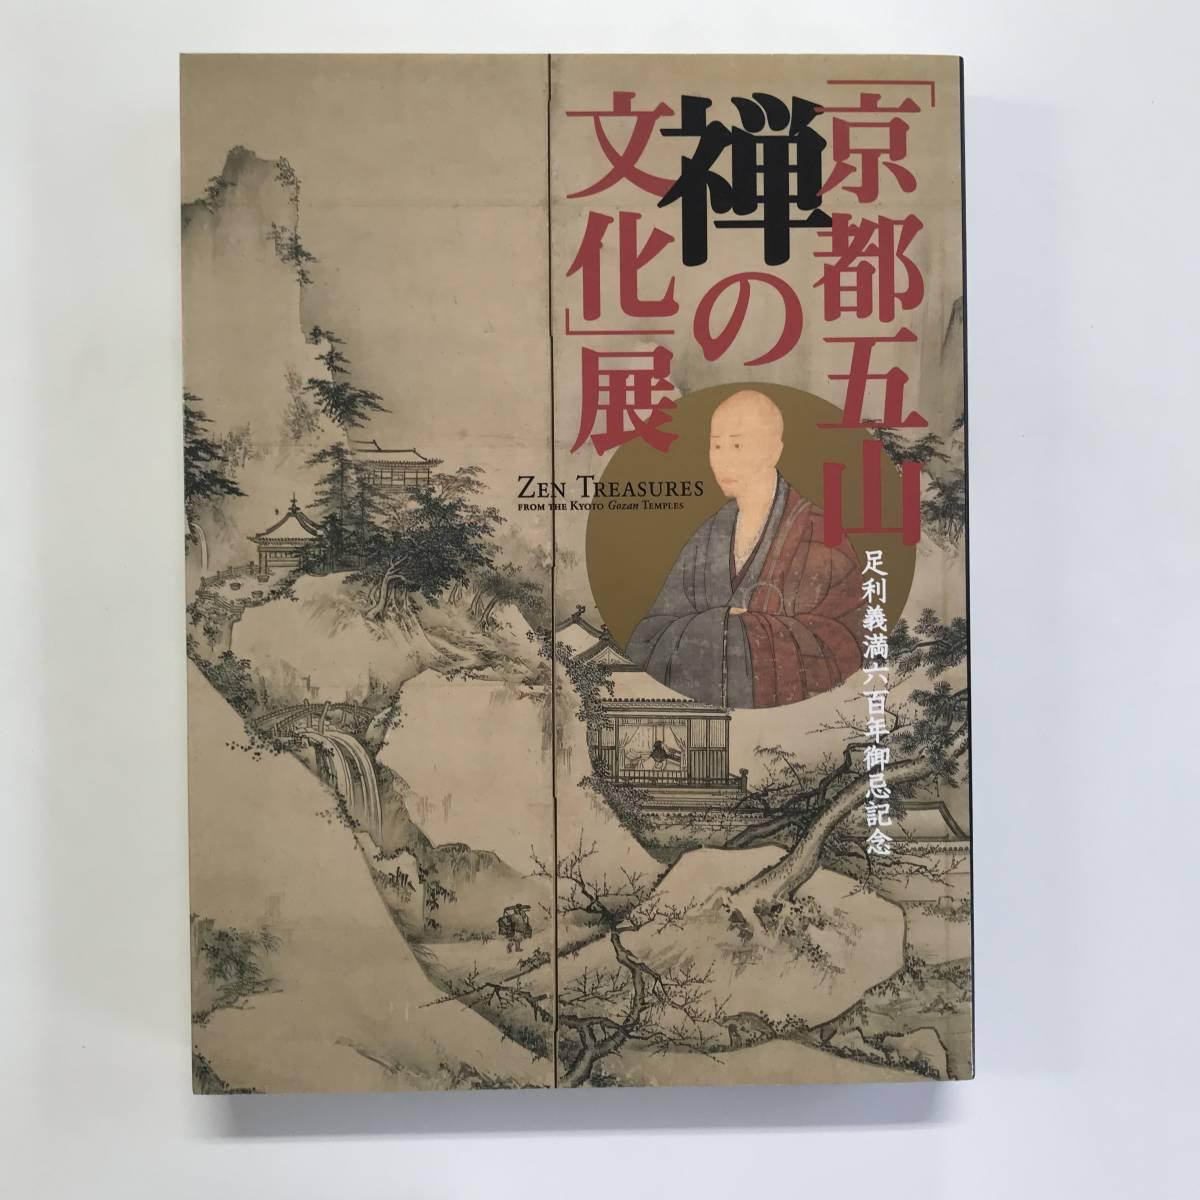 「京都五山 禅の文化」展 足利義満六百年御忌記念 2007-8 東京国立博物館ほか 図録 t00712_d11_画像1